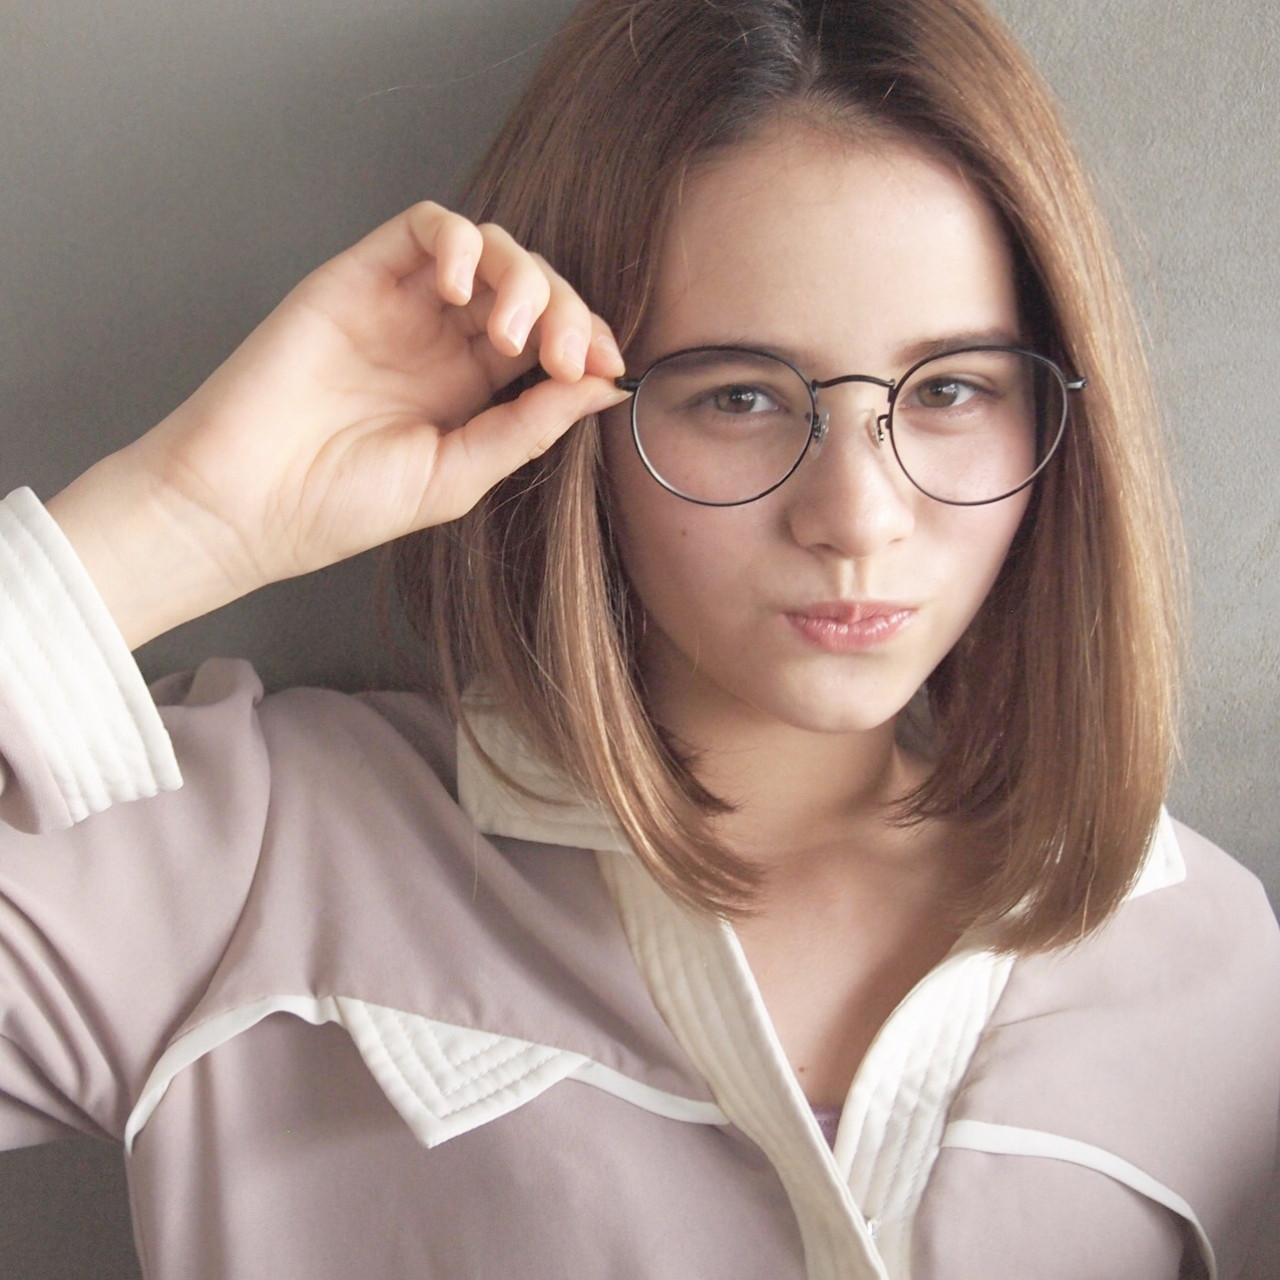 ミディアム ストレート 大人女子 ナチュラル ヘアスタイルや髪型の写真・画像